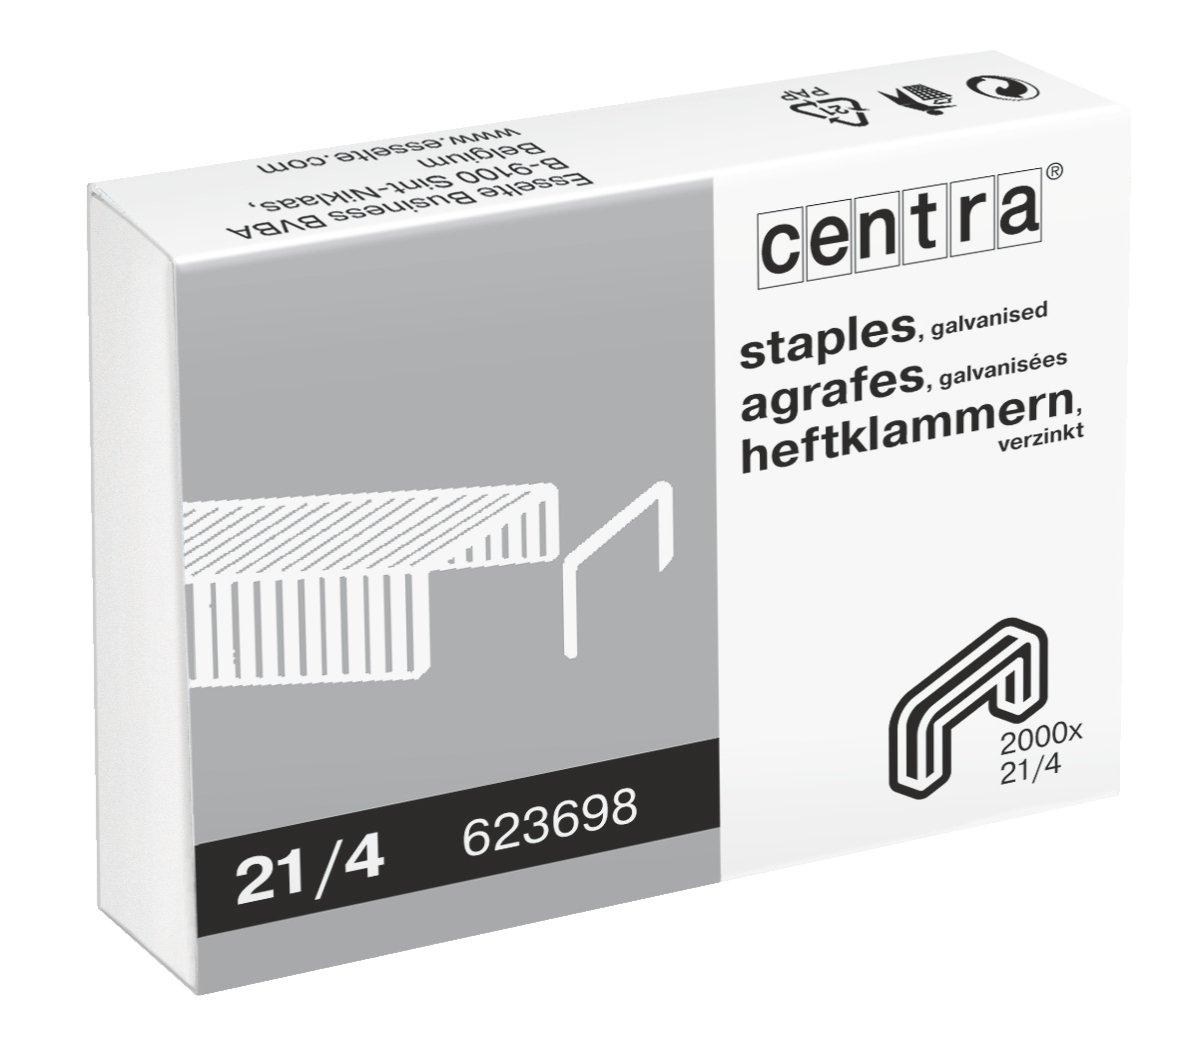 Centra 136888 Punti 21//4 Confezione da 2000 Pezzi